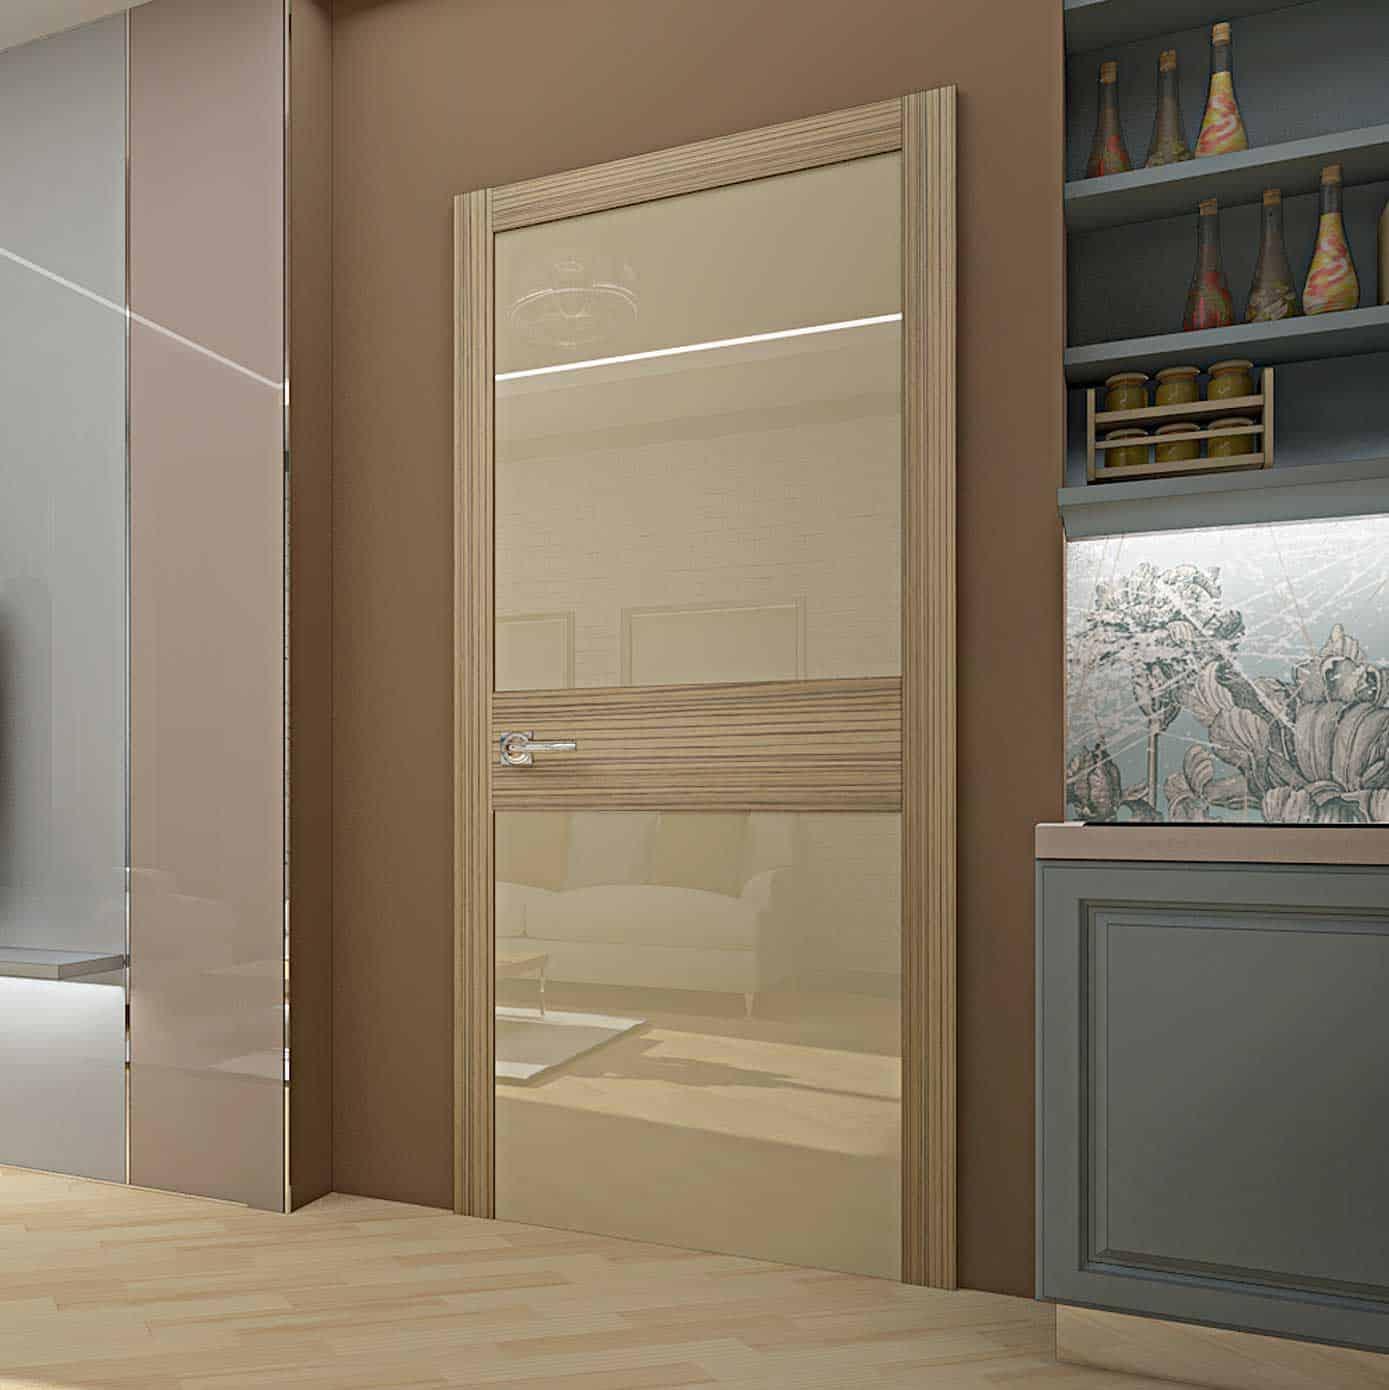 Межкомнатная дверь Crescendo Zebrano в модном интерьере